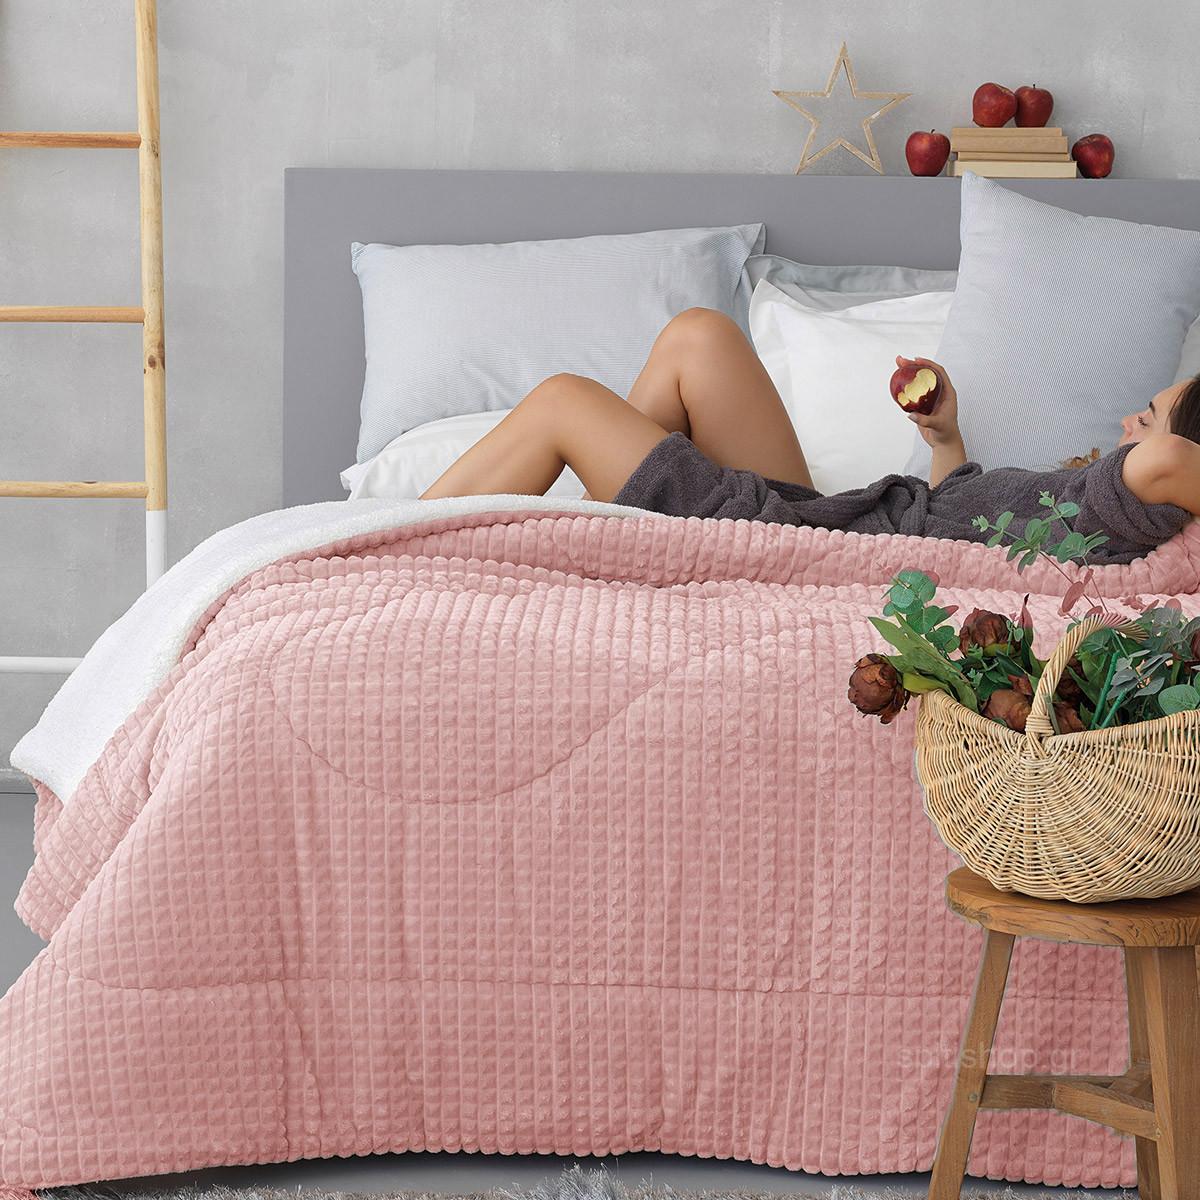 Κουβερτοπάπλωμα Υπέρδιπλο Palamaiki Cube Pink home   κρεβατοκάμαρα   παπλώματα   κουβερτοπαπλώματα